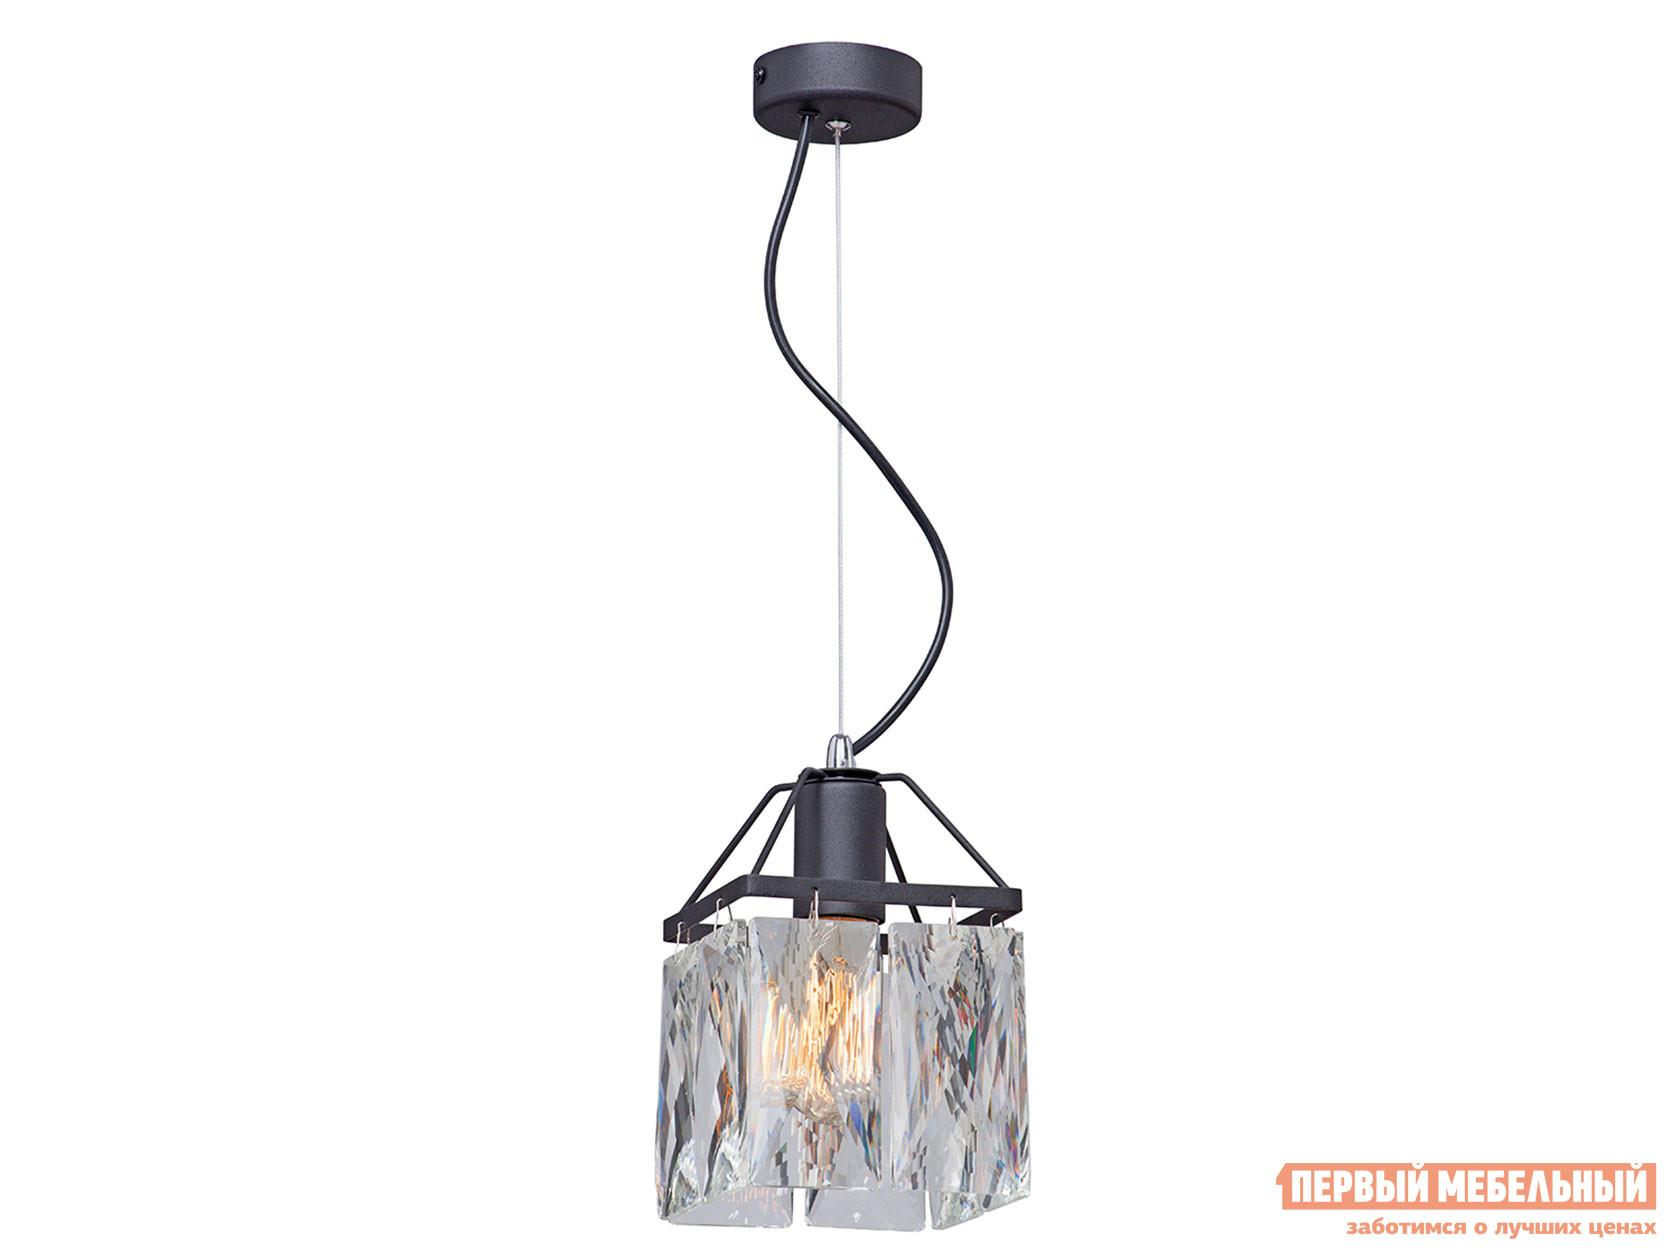 Подвесной светильник КСК-электро Люстра V5288-1/1S, Люстра V5288-9/1S